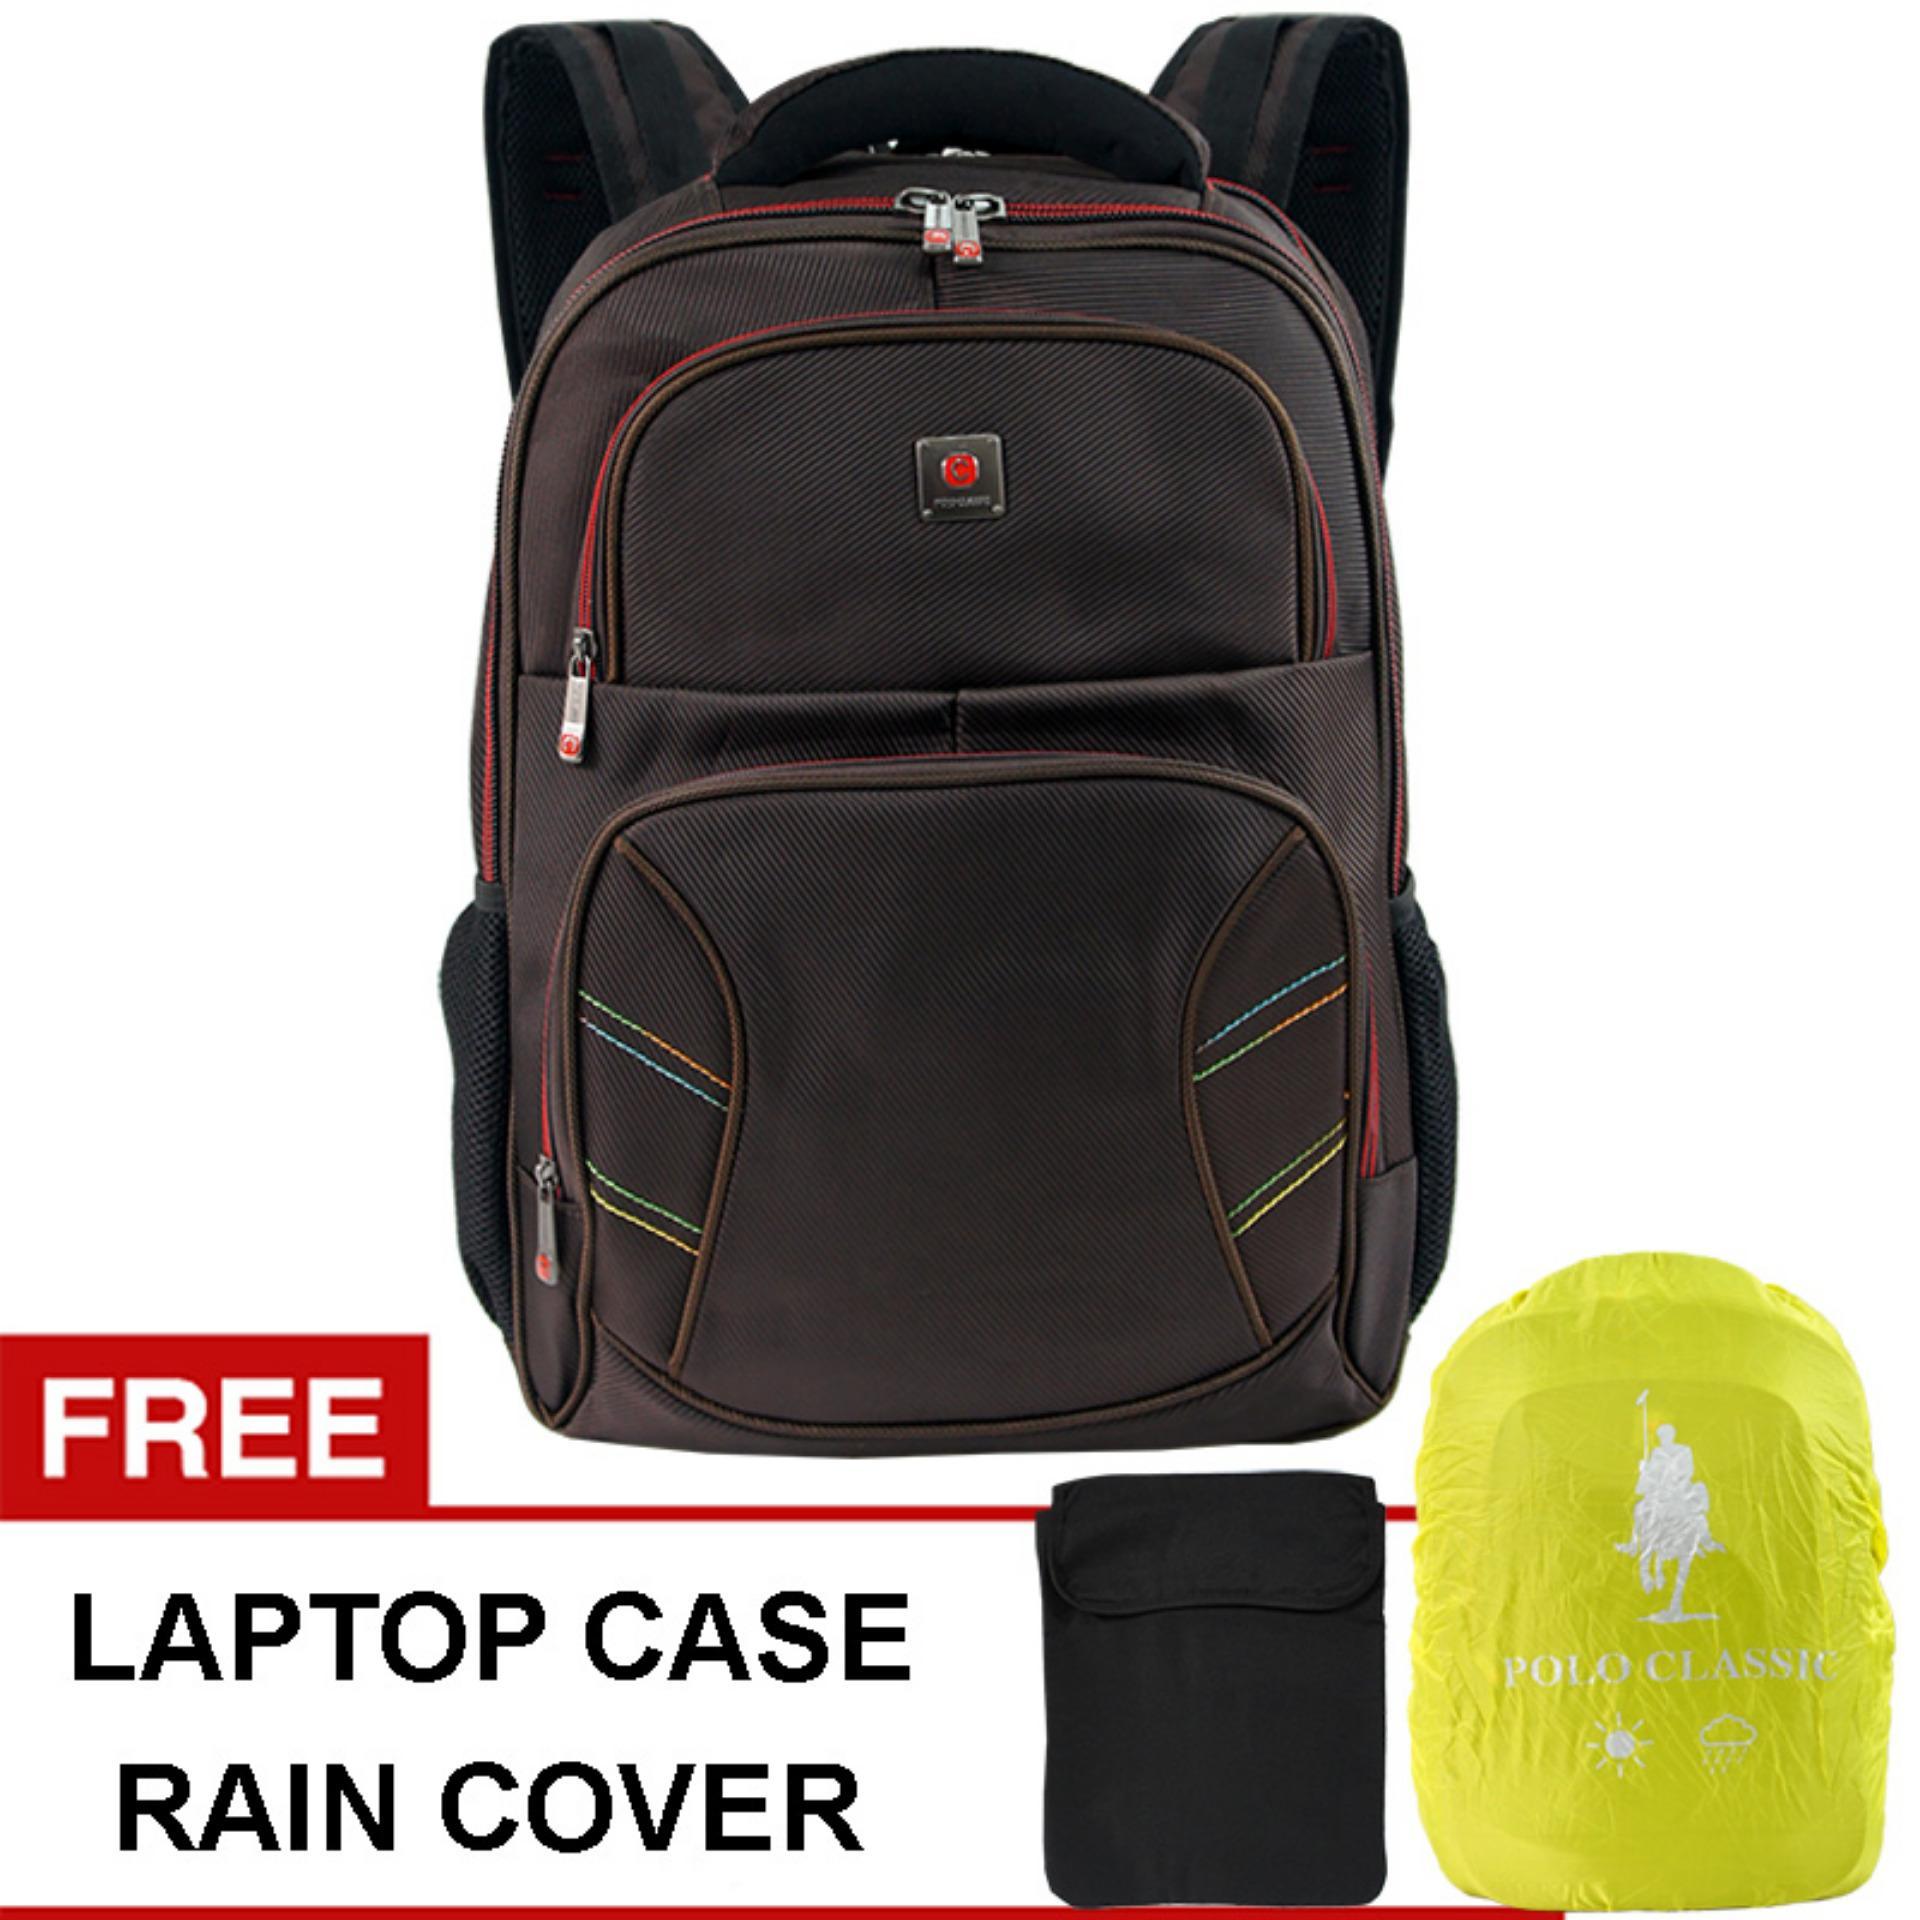 Spesifikasi Polo Classic 18077 21 Backpack Rain Cover Coffee Tas Ransel Tas Sekolah Tas Pria Tas Wanita Yang Bagus